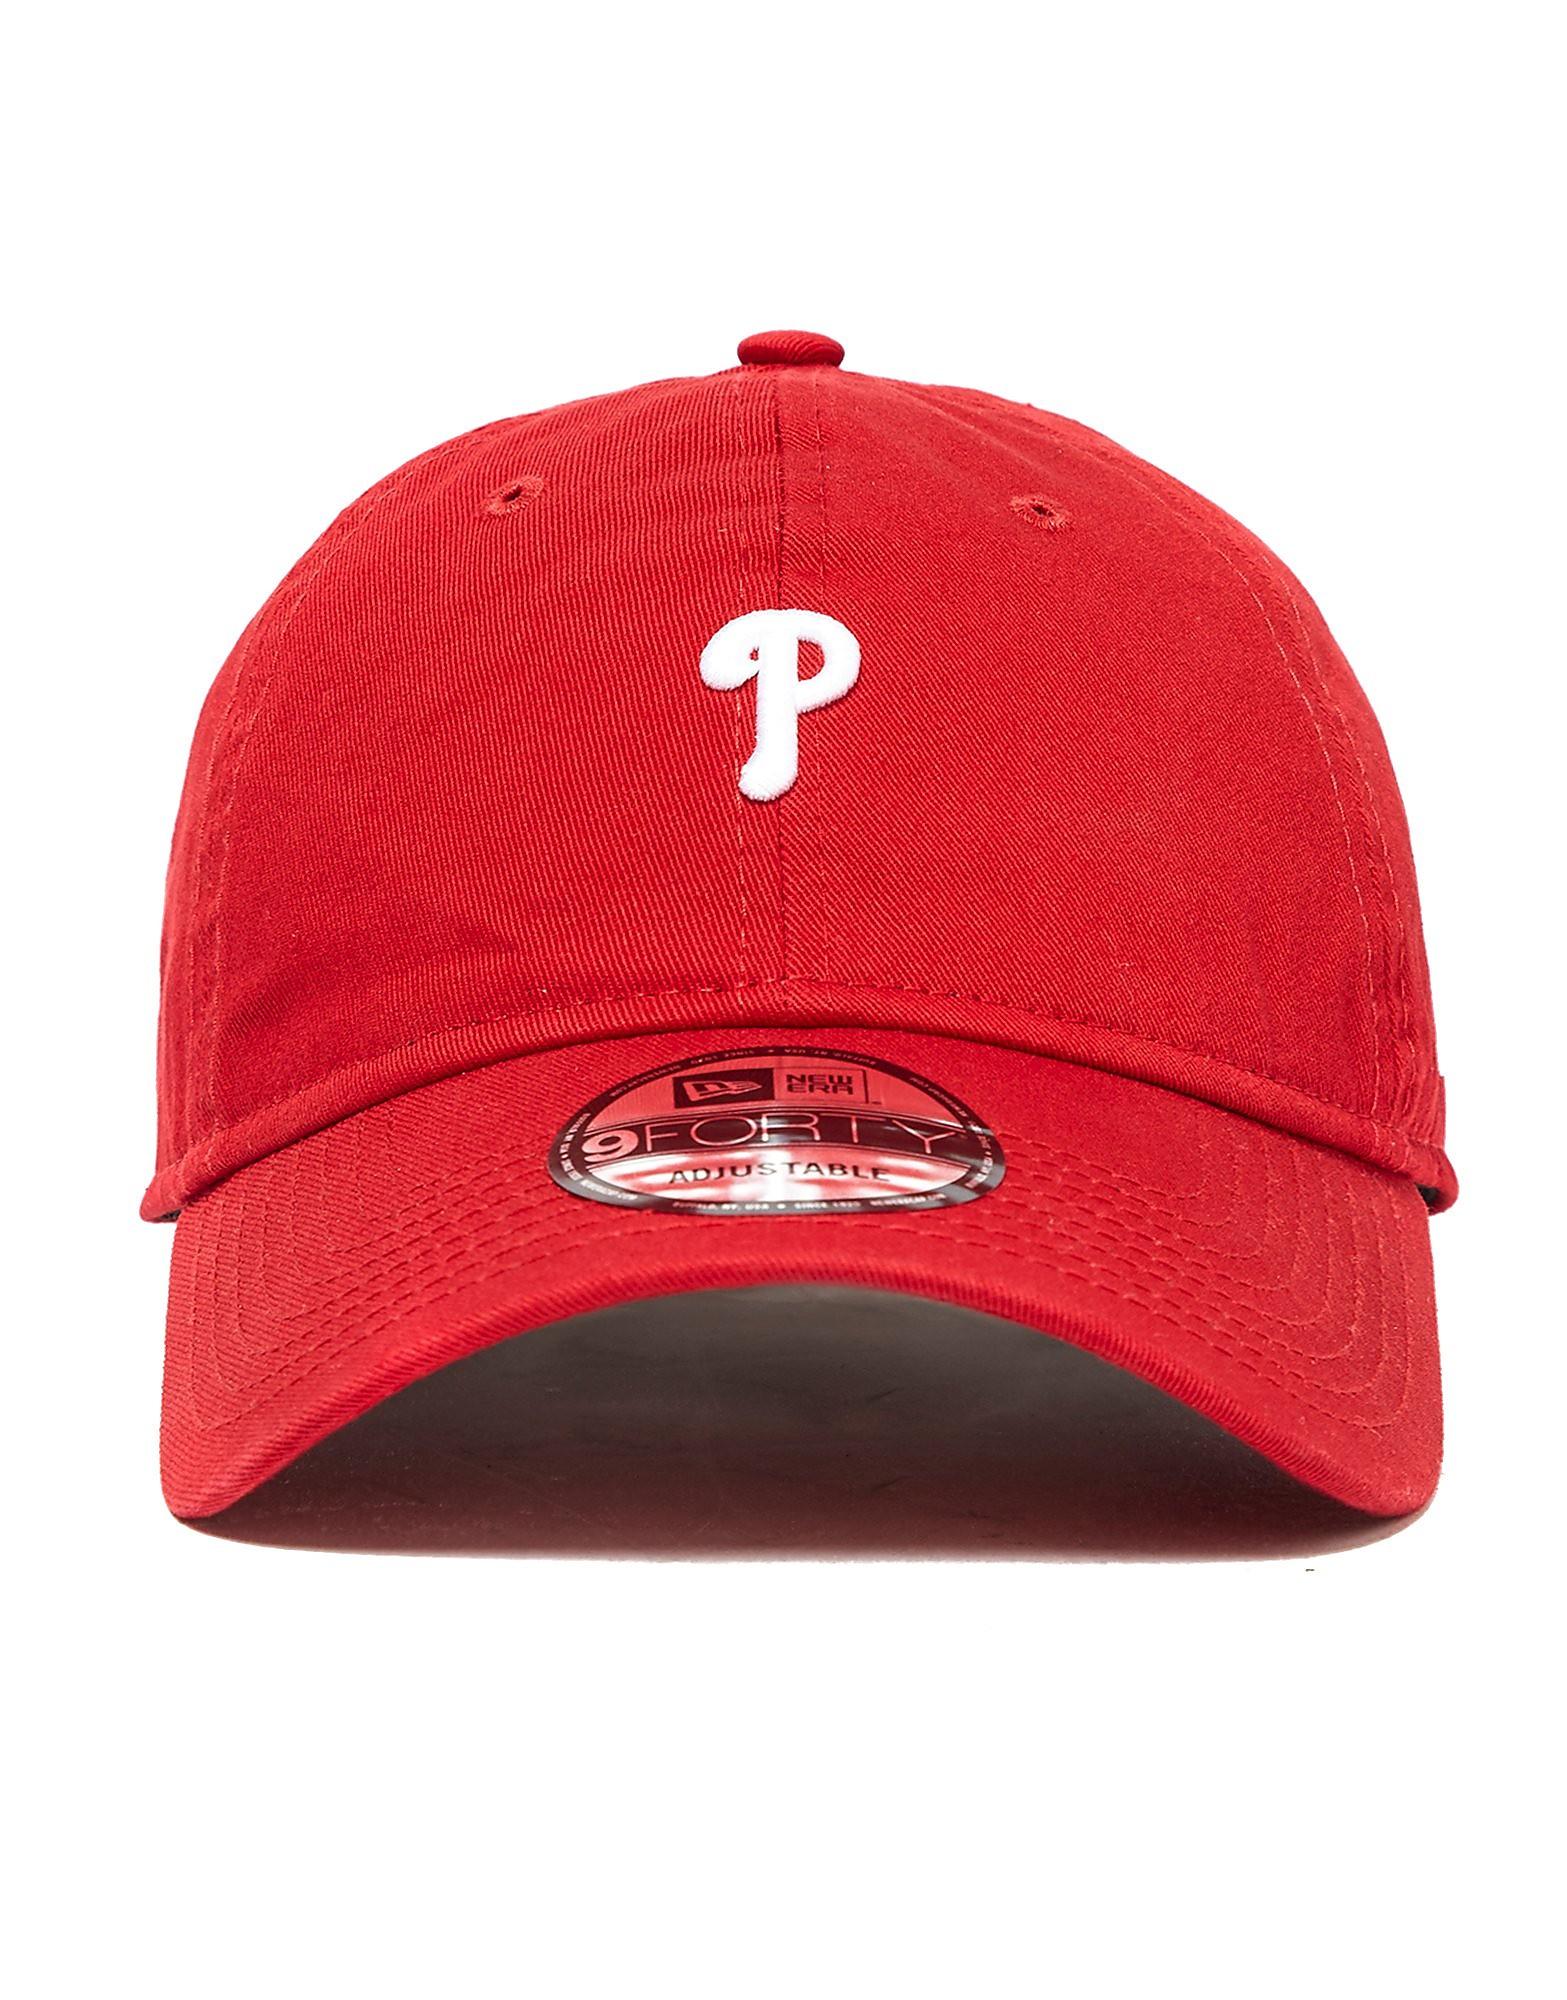 New Era MLB Philadelphia Phillies 9FORTY Cap